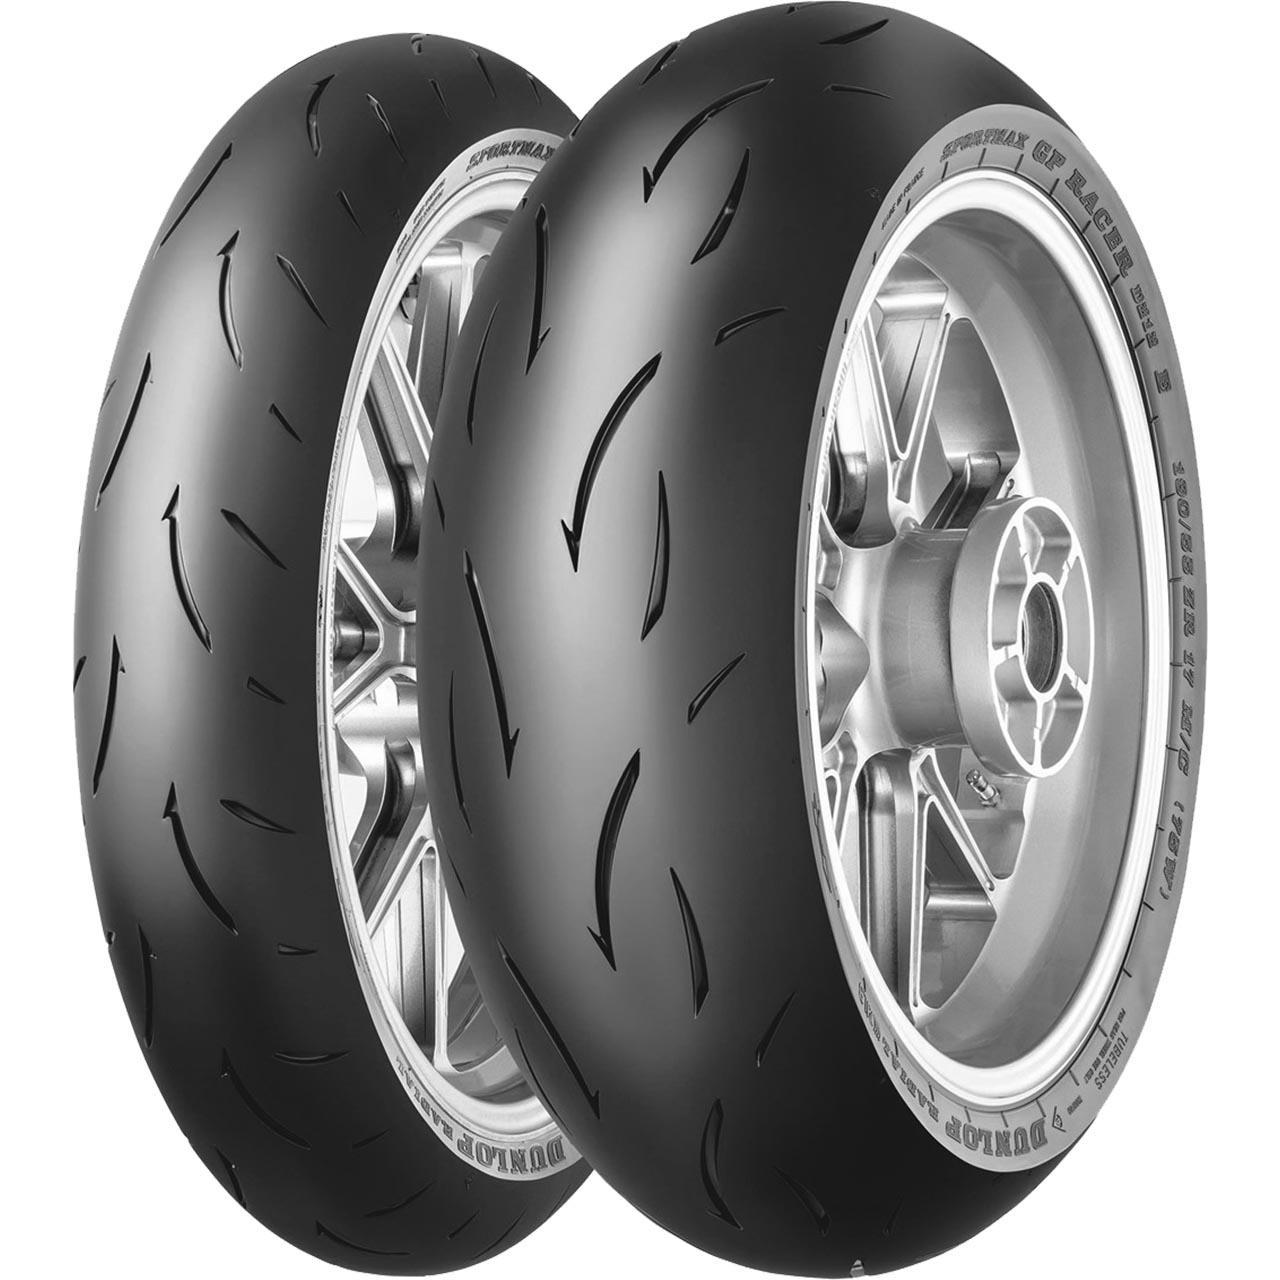 Dunlop Sportmax GP Racer D212 E Rear 180/55ZR17 (73W) TL